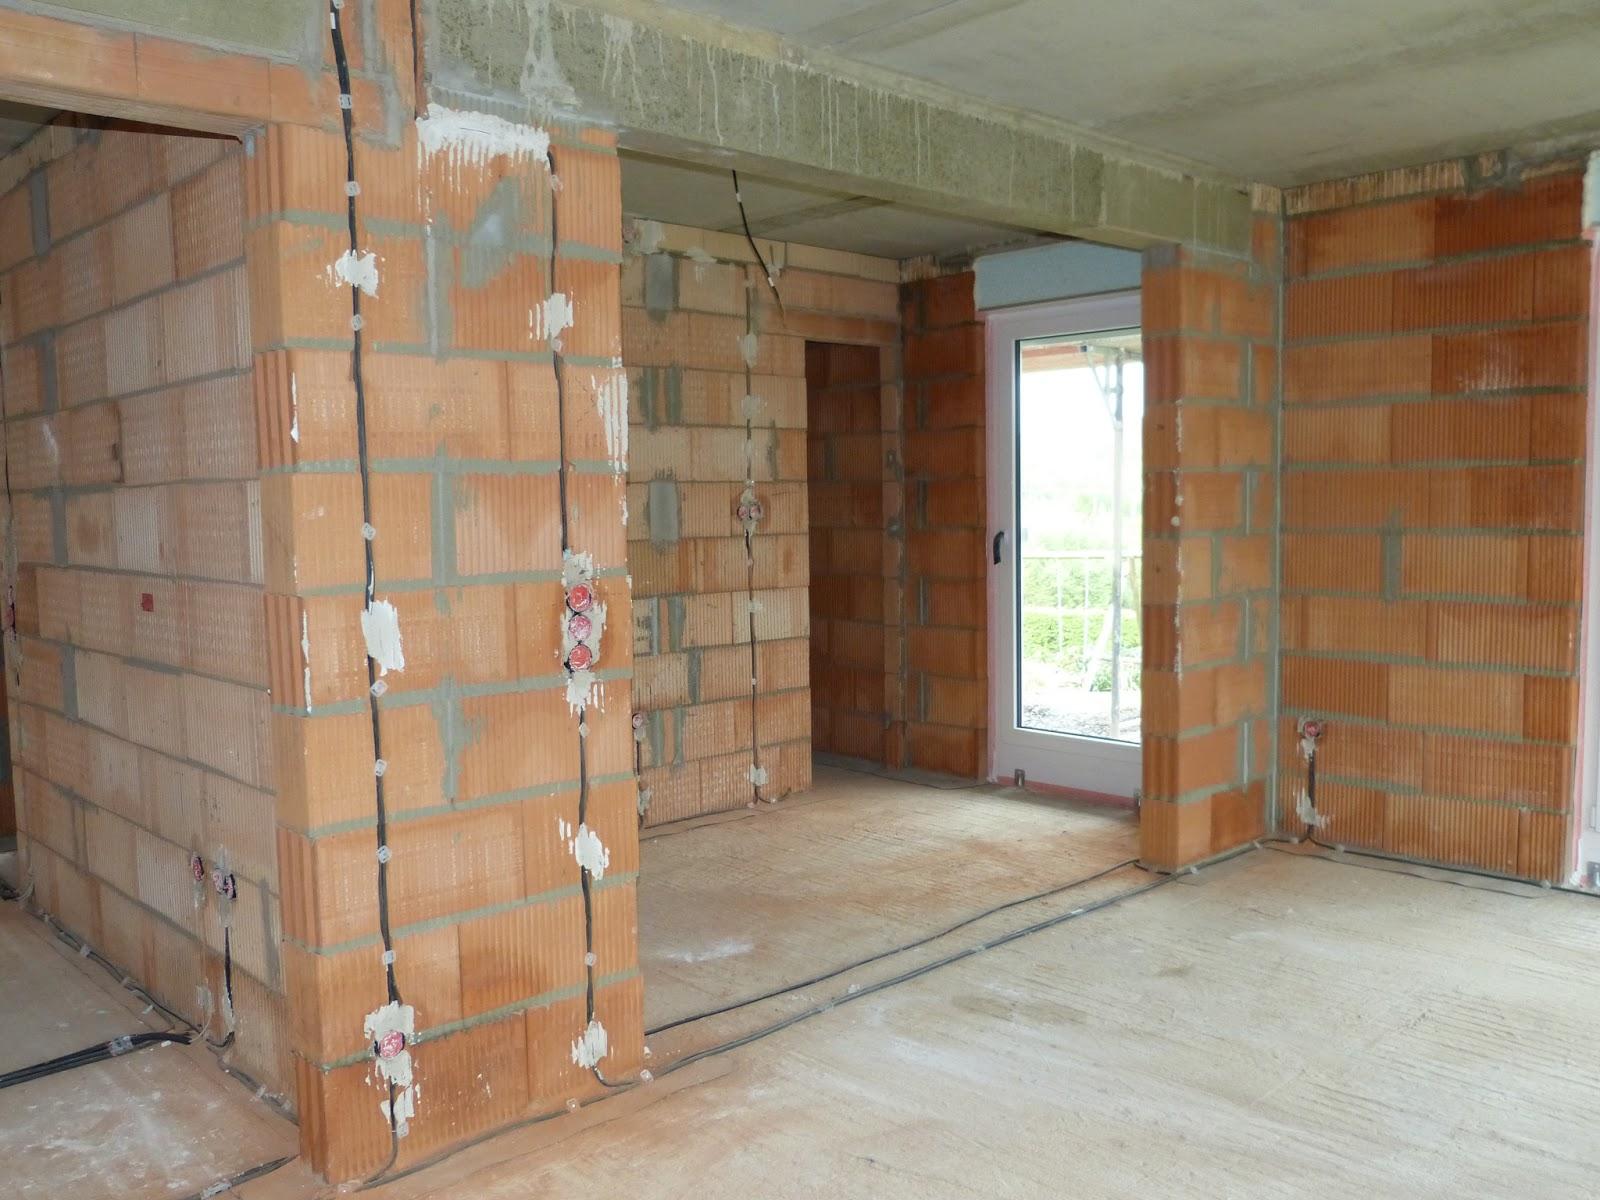 miriam und daniel bauen trockenbau und elektro roh. Black Bedroom Furniture Sets. Home Design Ideas